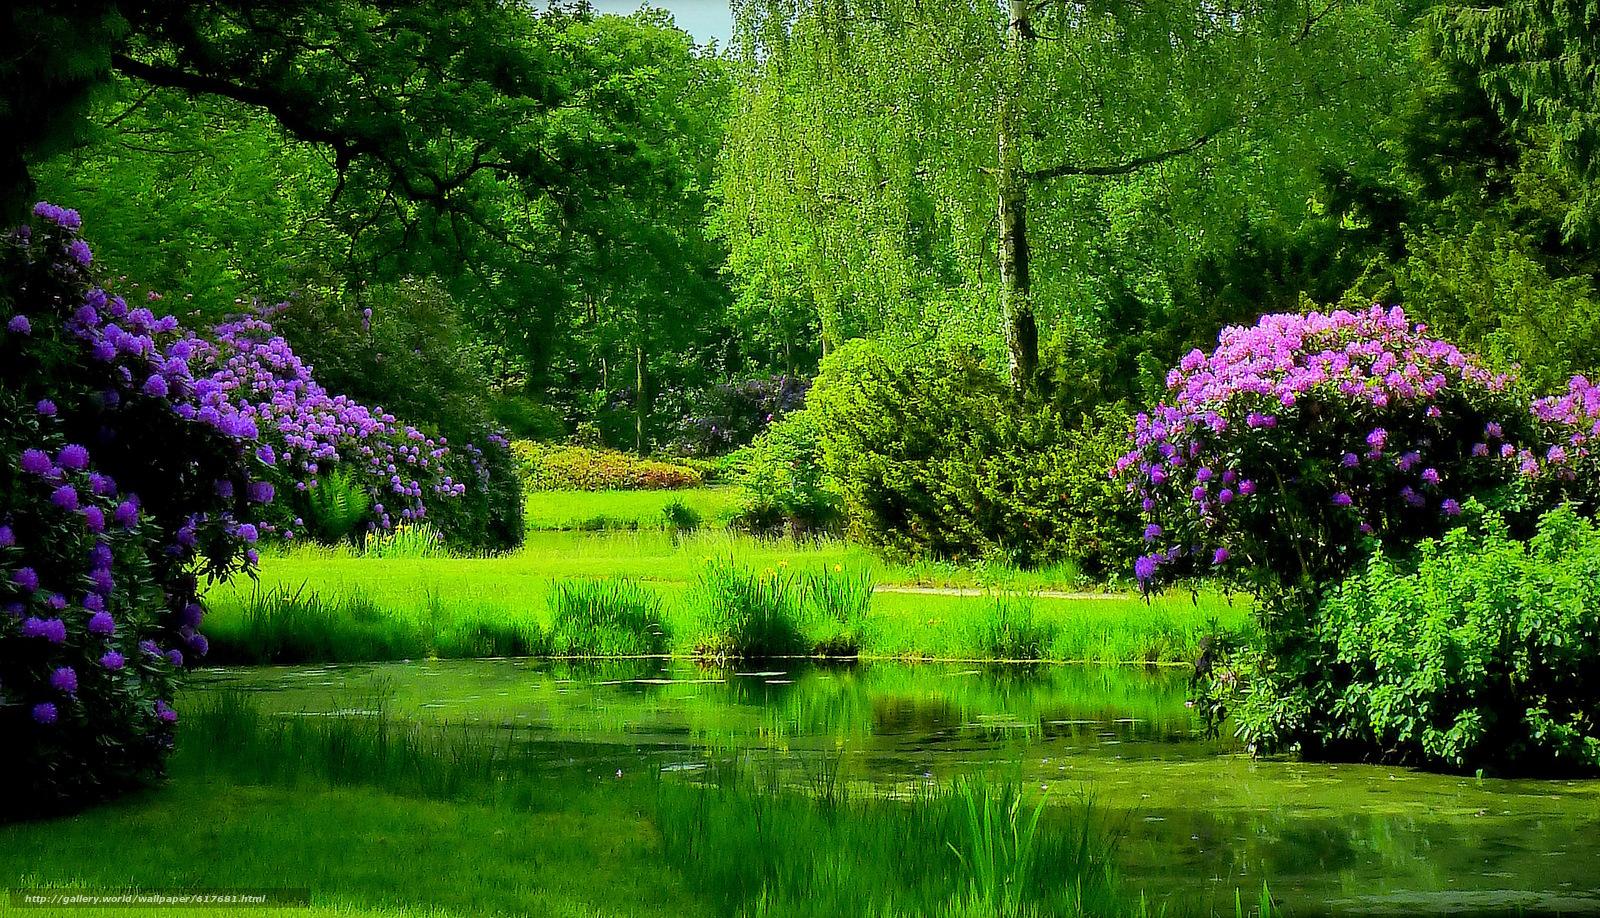 下载壁纸 湖,  池塘,  森林,  树 免费为您的桌面分辨率的壁纸 2479x1423 — 图片 №617681